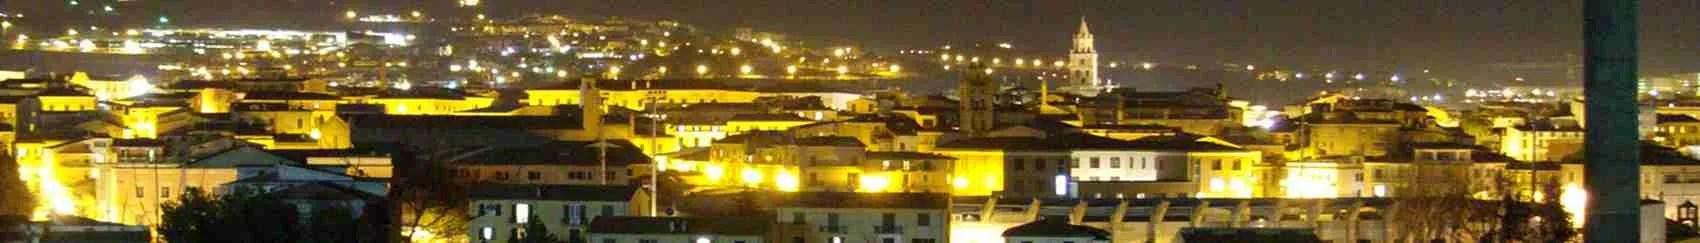 Le escort Teramo possono godersi un panorama mozzafiato della città al tramonto. Magica Escort